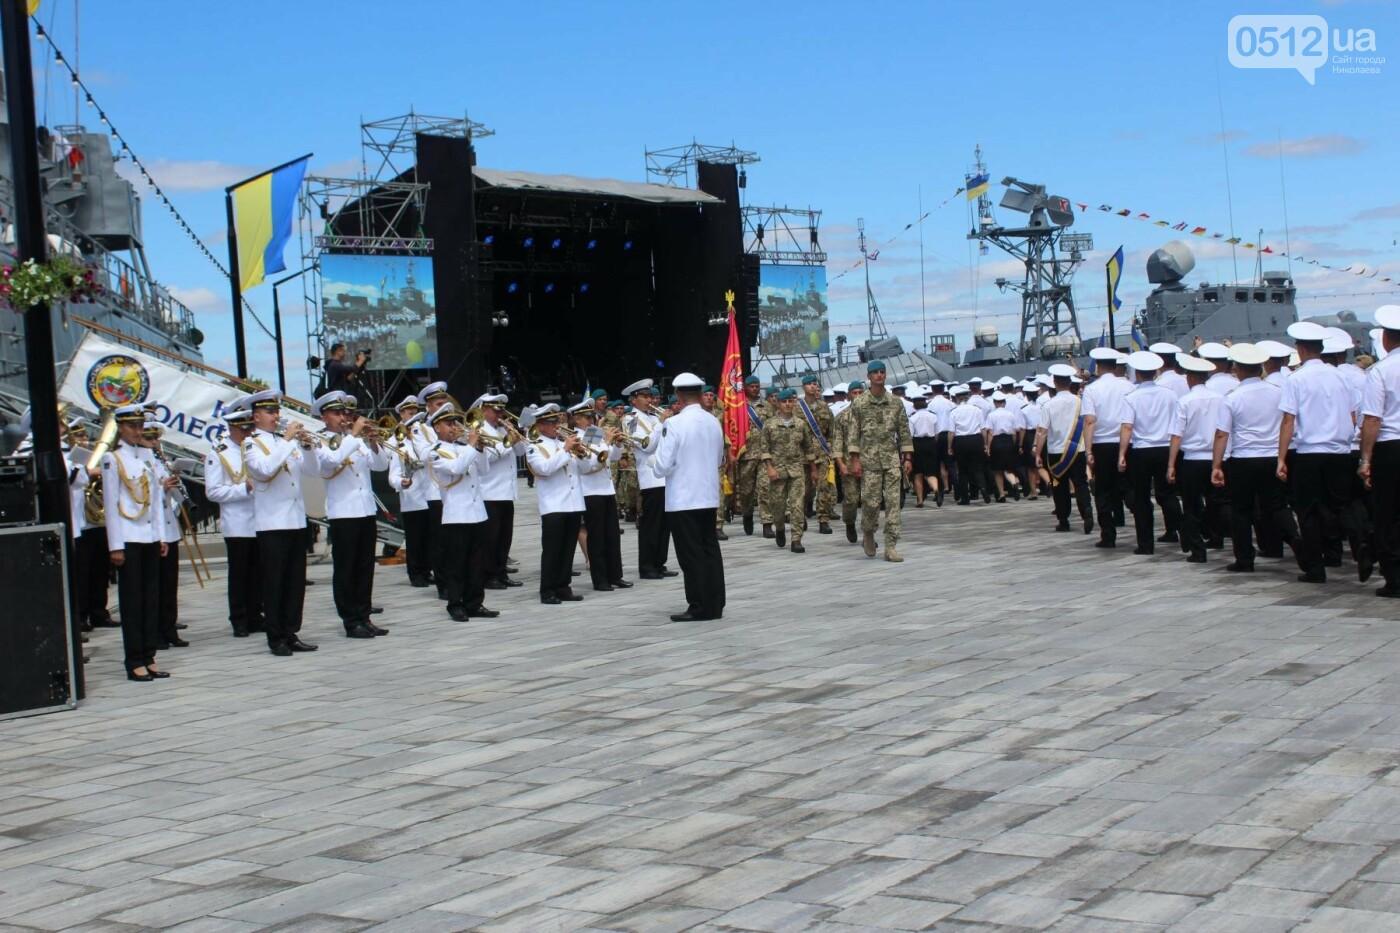 Полевая кухня, марш военных и выставка техники: как в Николаеве отмечали День ВМС Украины, фото-22